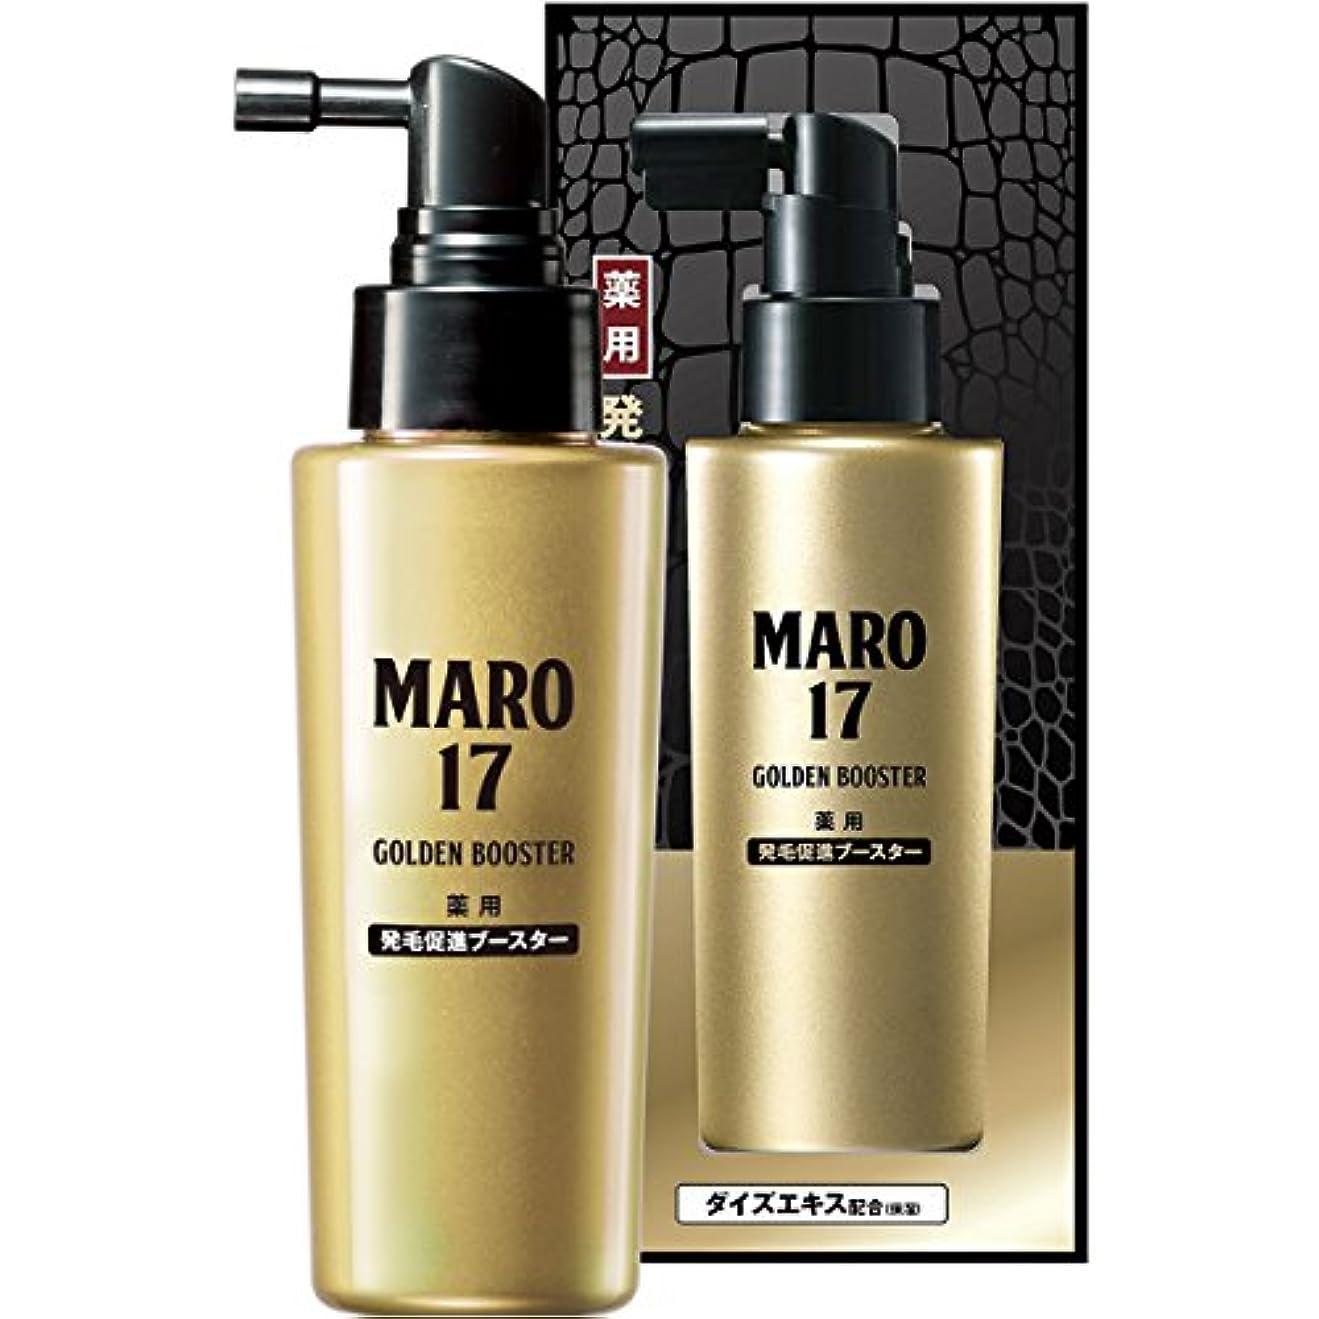 所有者クリケット秘密のMARO17 薬用 発毛促進ブースター 100ml (約1ヶ月分)【医薬部外品】